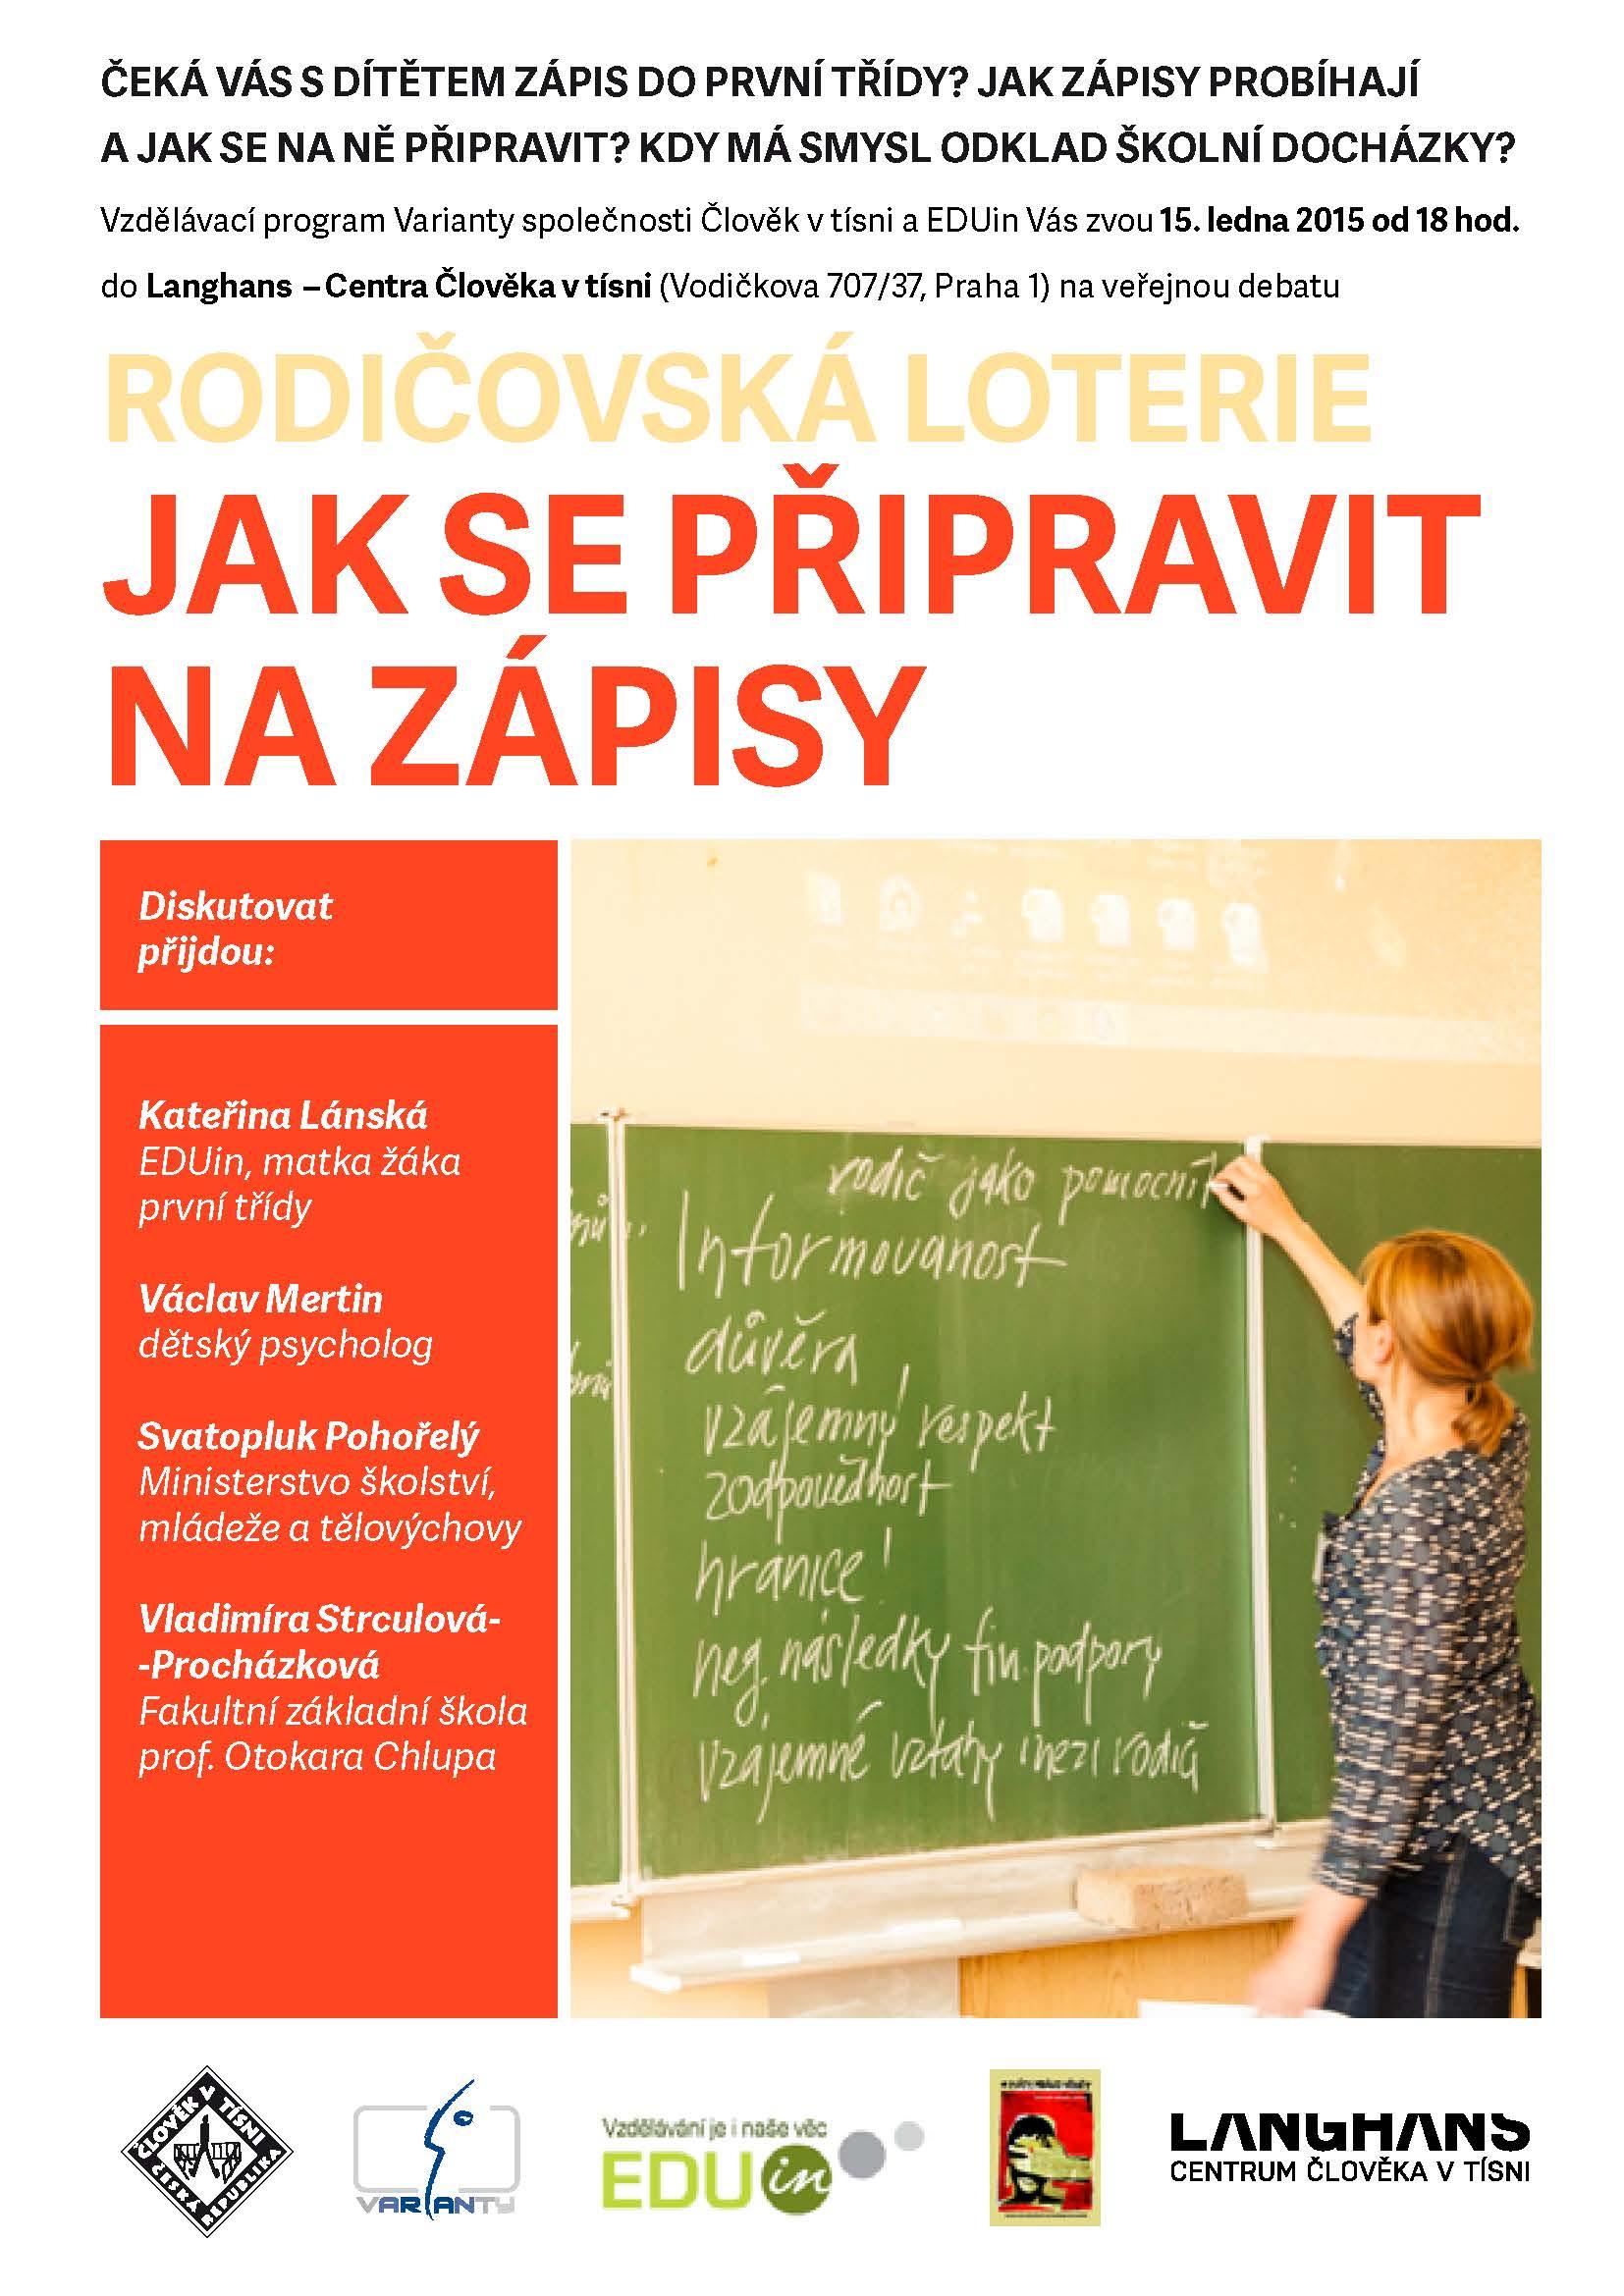 pdfs_281